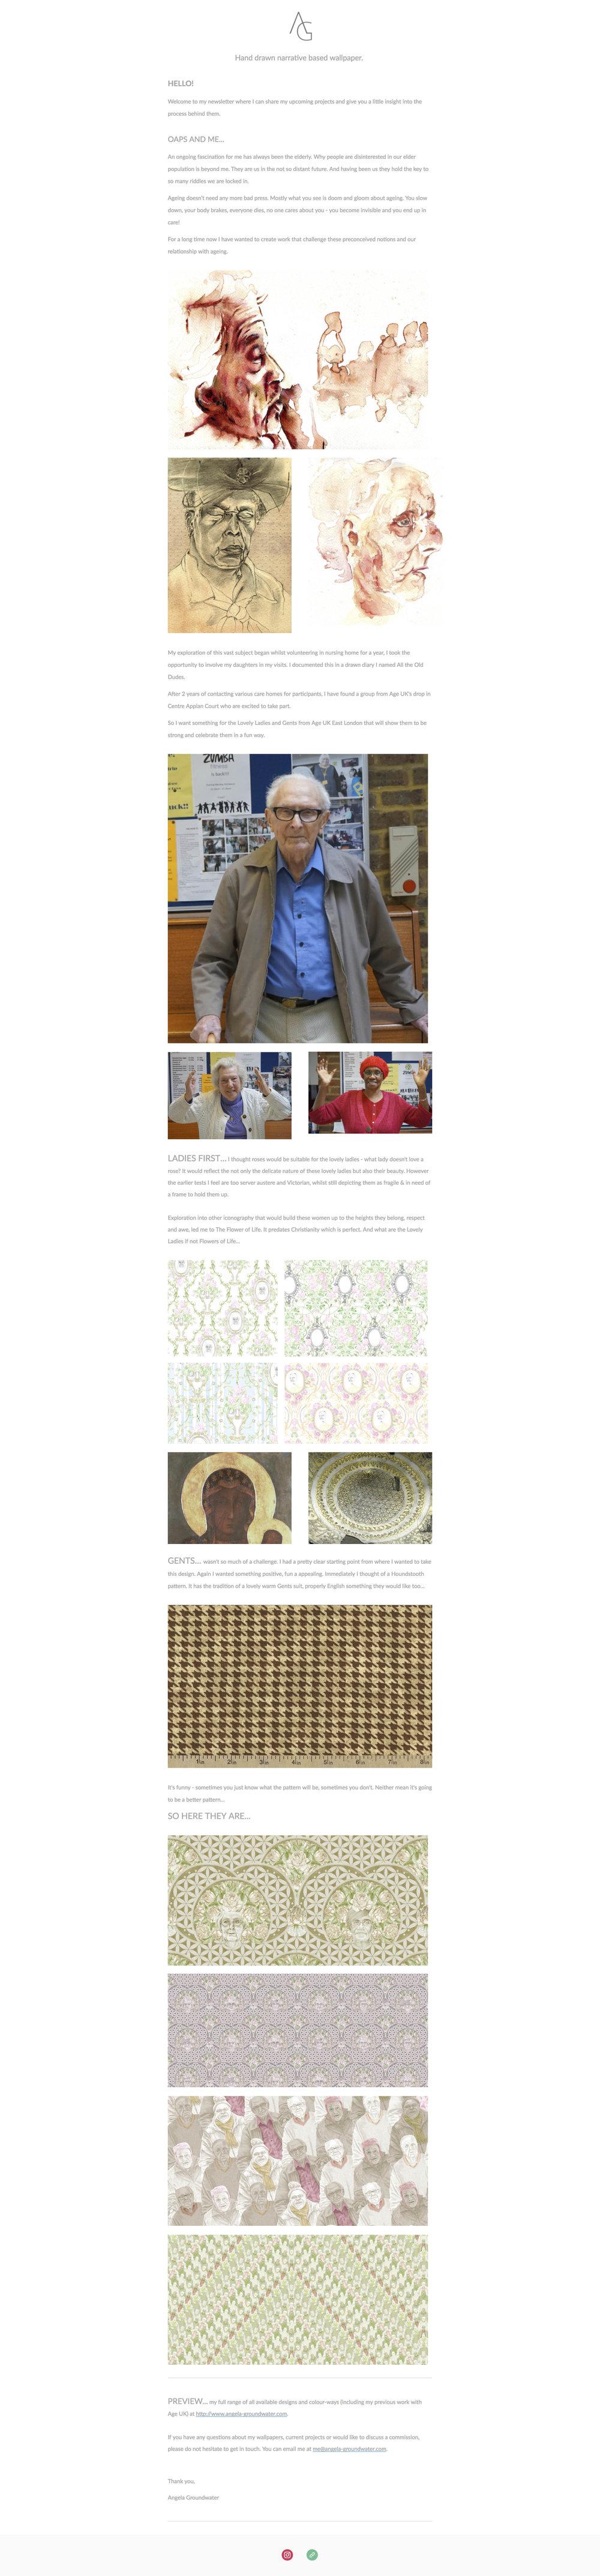 AG-Newsletter-005-copy.jpg